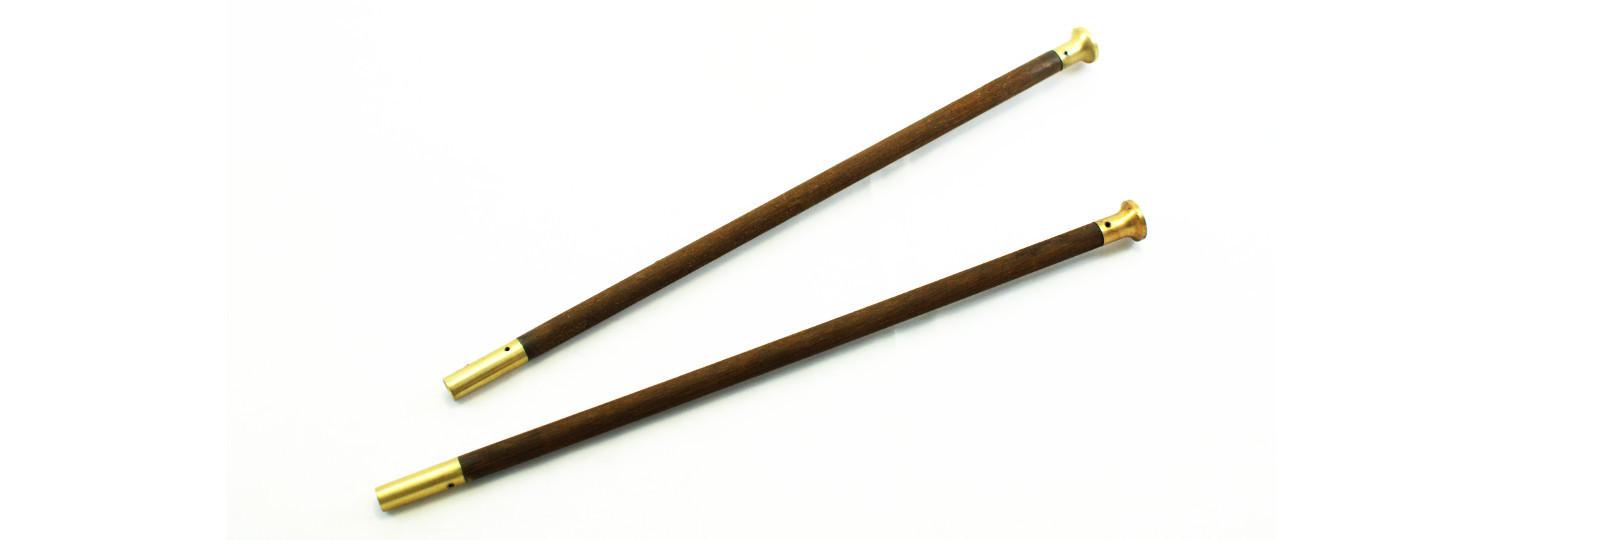 Bacchetta Ricambio